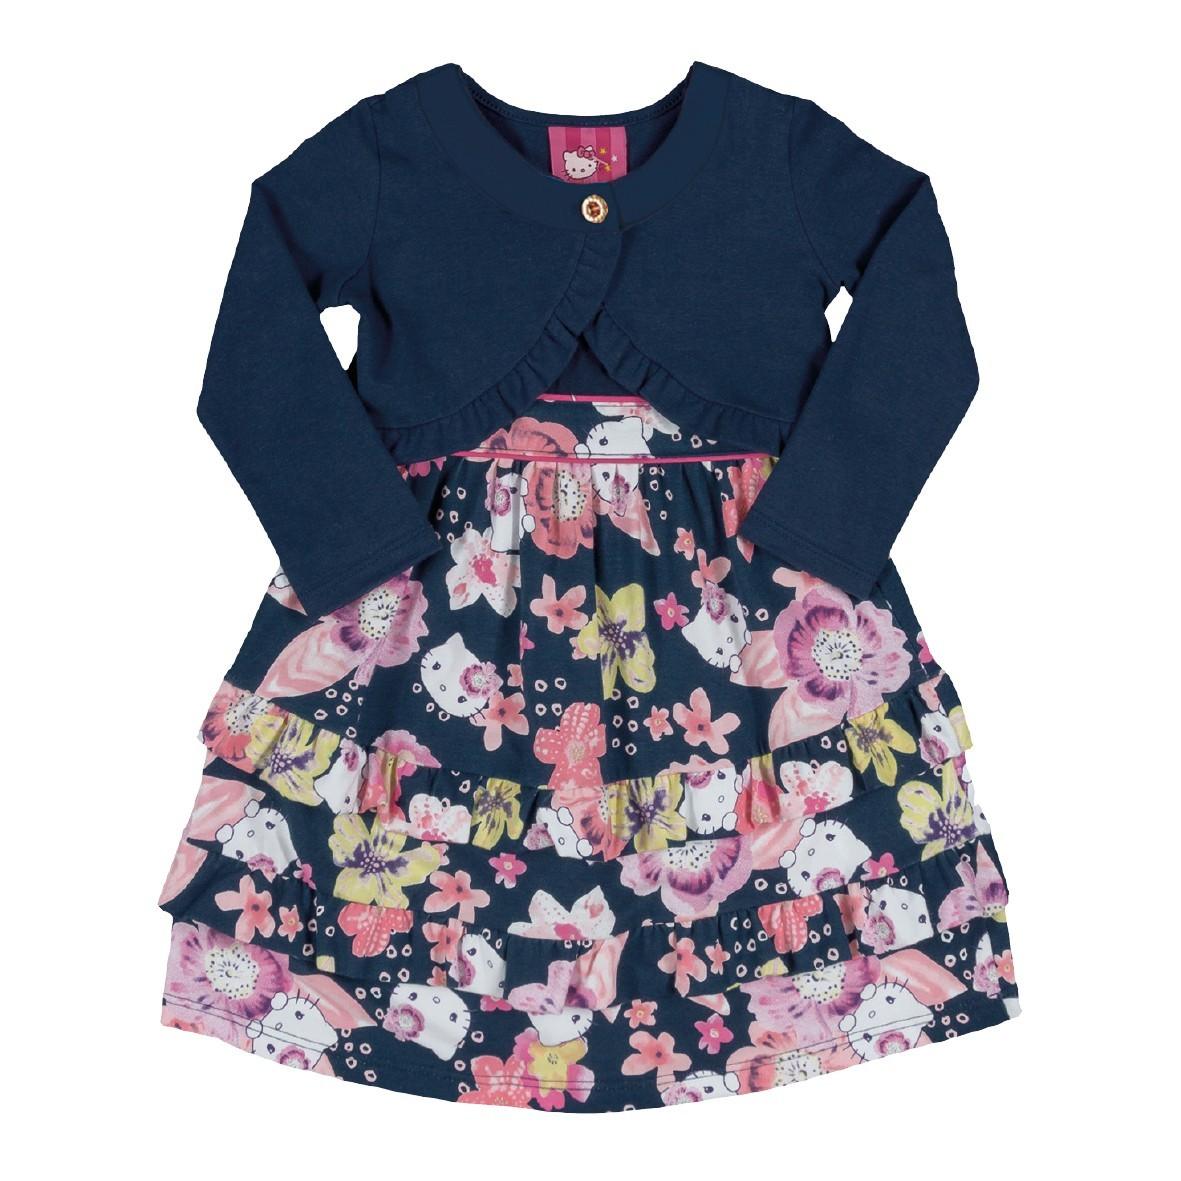 0f5555277c Bizz Store - Conjunto Infantil Feminino Hello Kitty Vestido Bolero